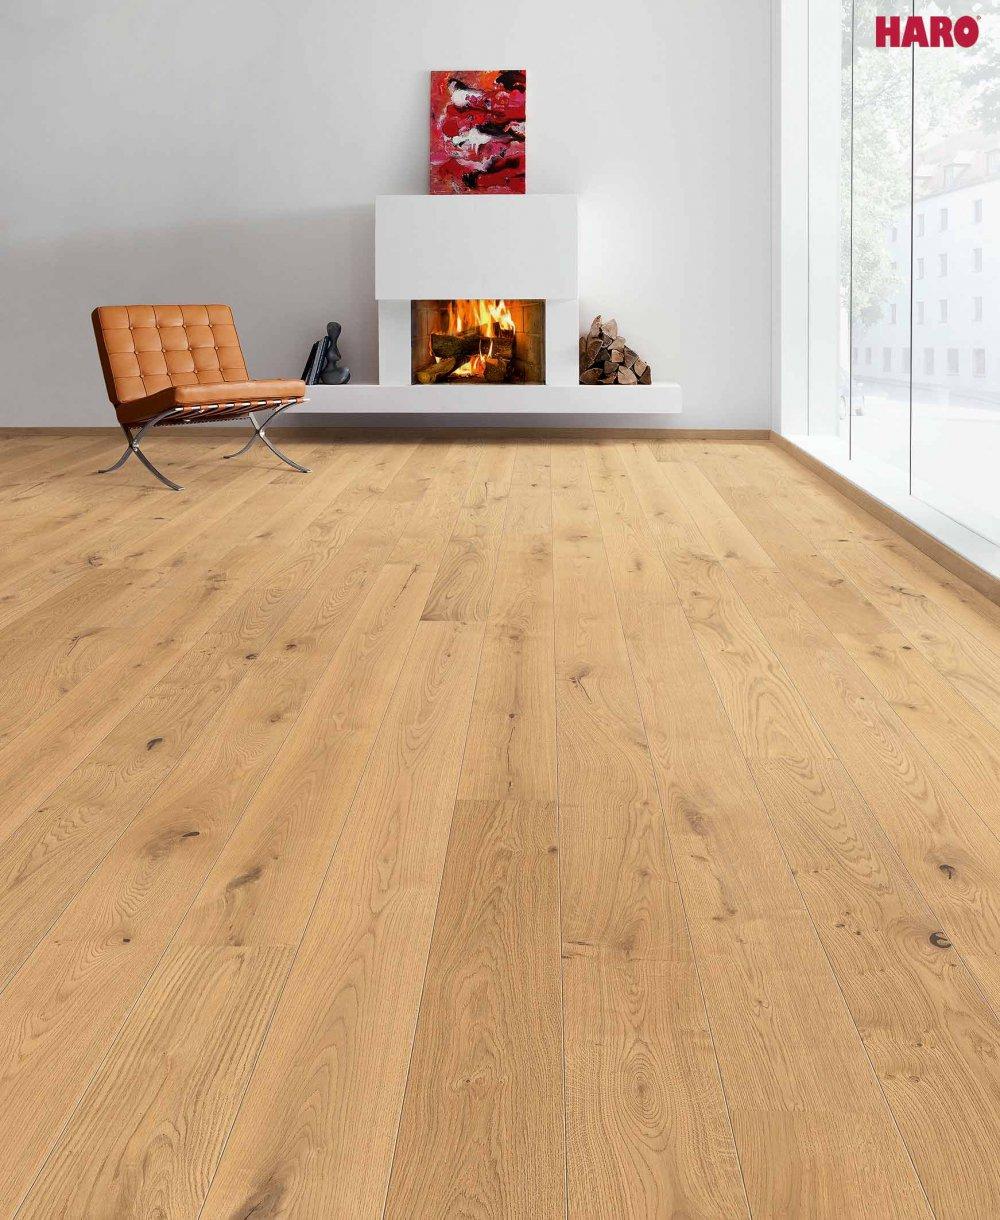 535448 haro parkett landhausdiele 4000 eiche sauvage strukturiert 2v fase naturadur lackiert. Black Bedroom Furniture Sets. Home Design Ideas